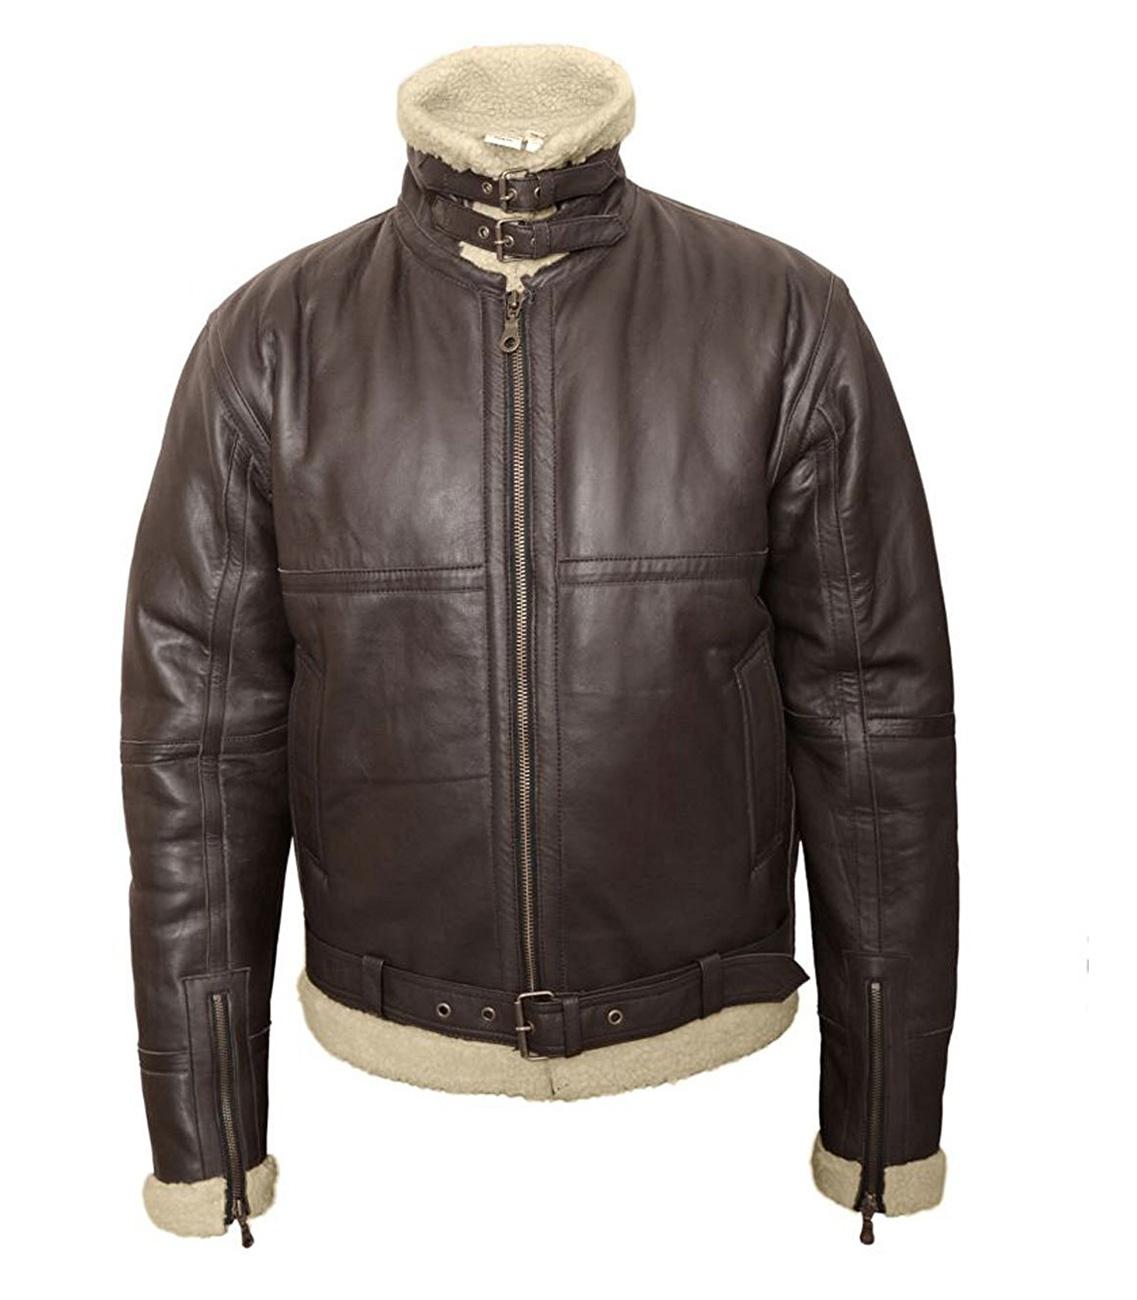 b3-bomber-jacket-h